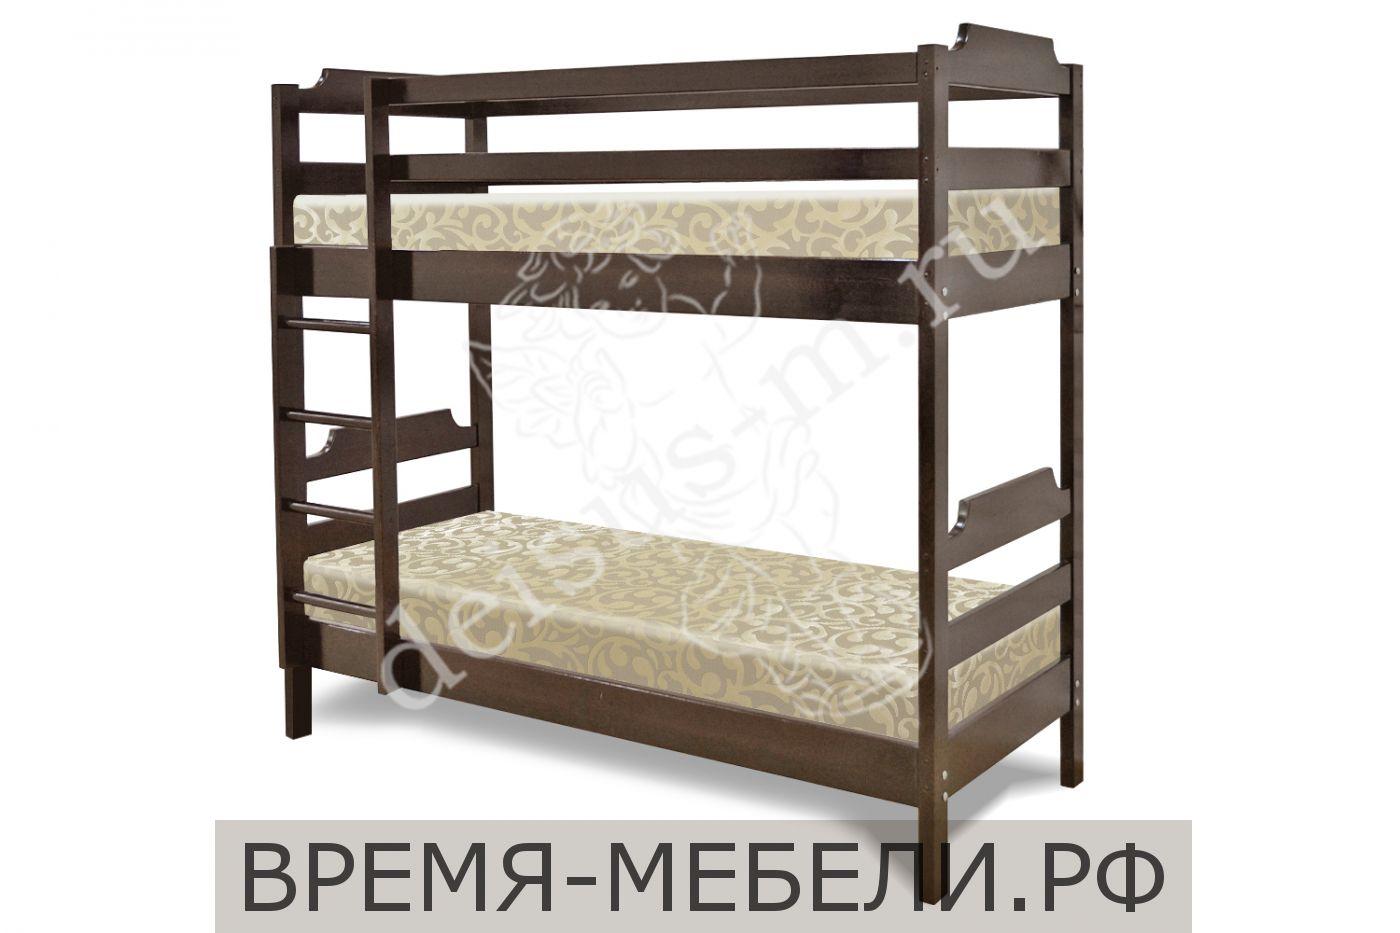 Кровать Кадет-М 2